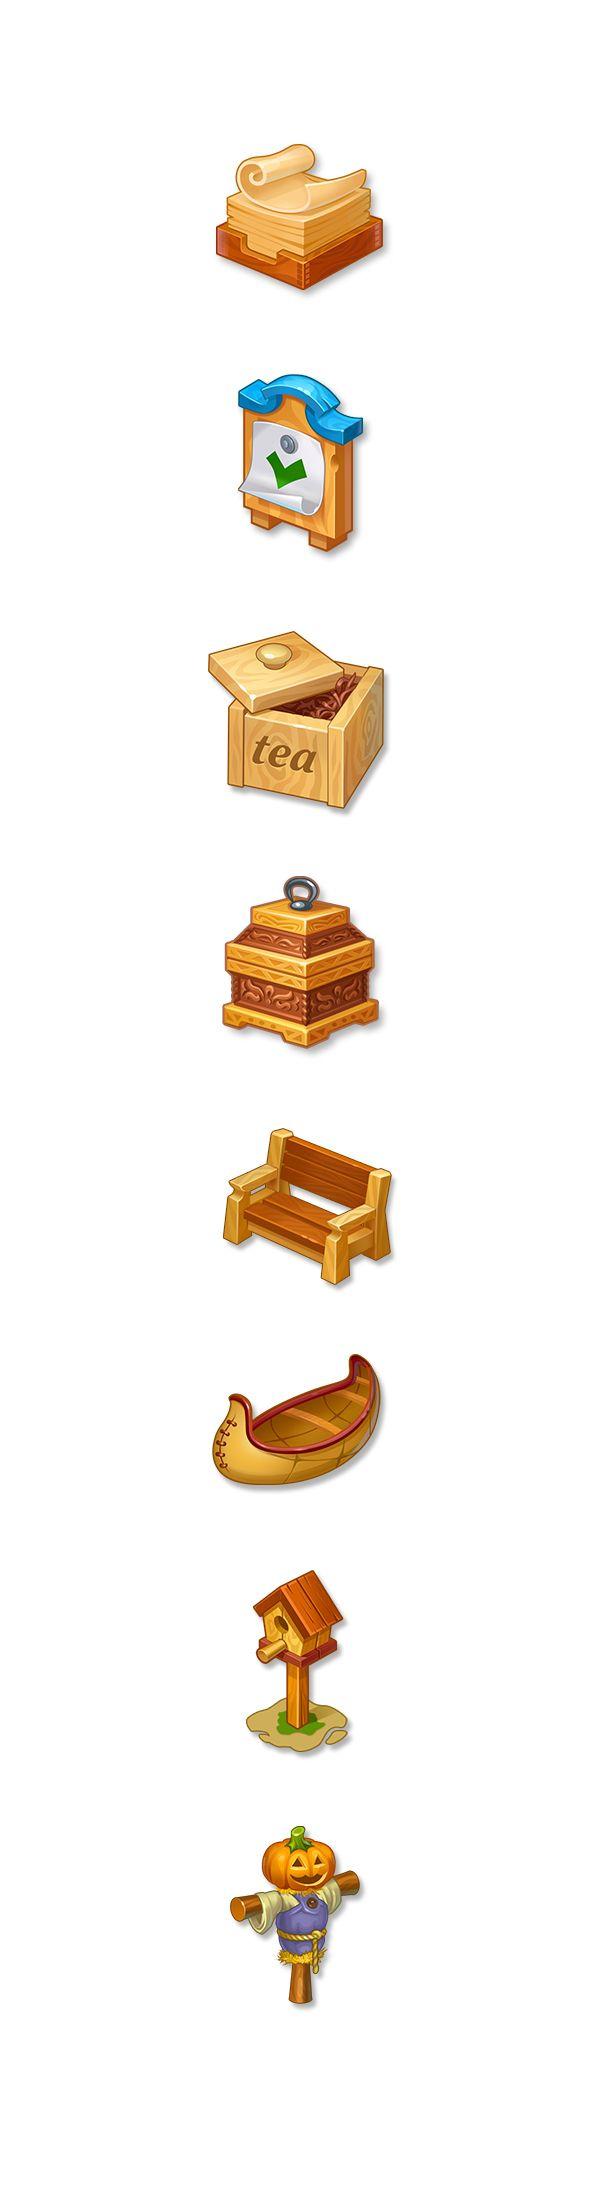 Иконки выполнены в компании Social Quantum для игры Дикий запад в 2014-2015 г.